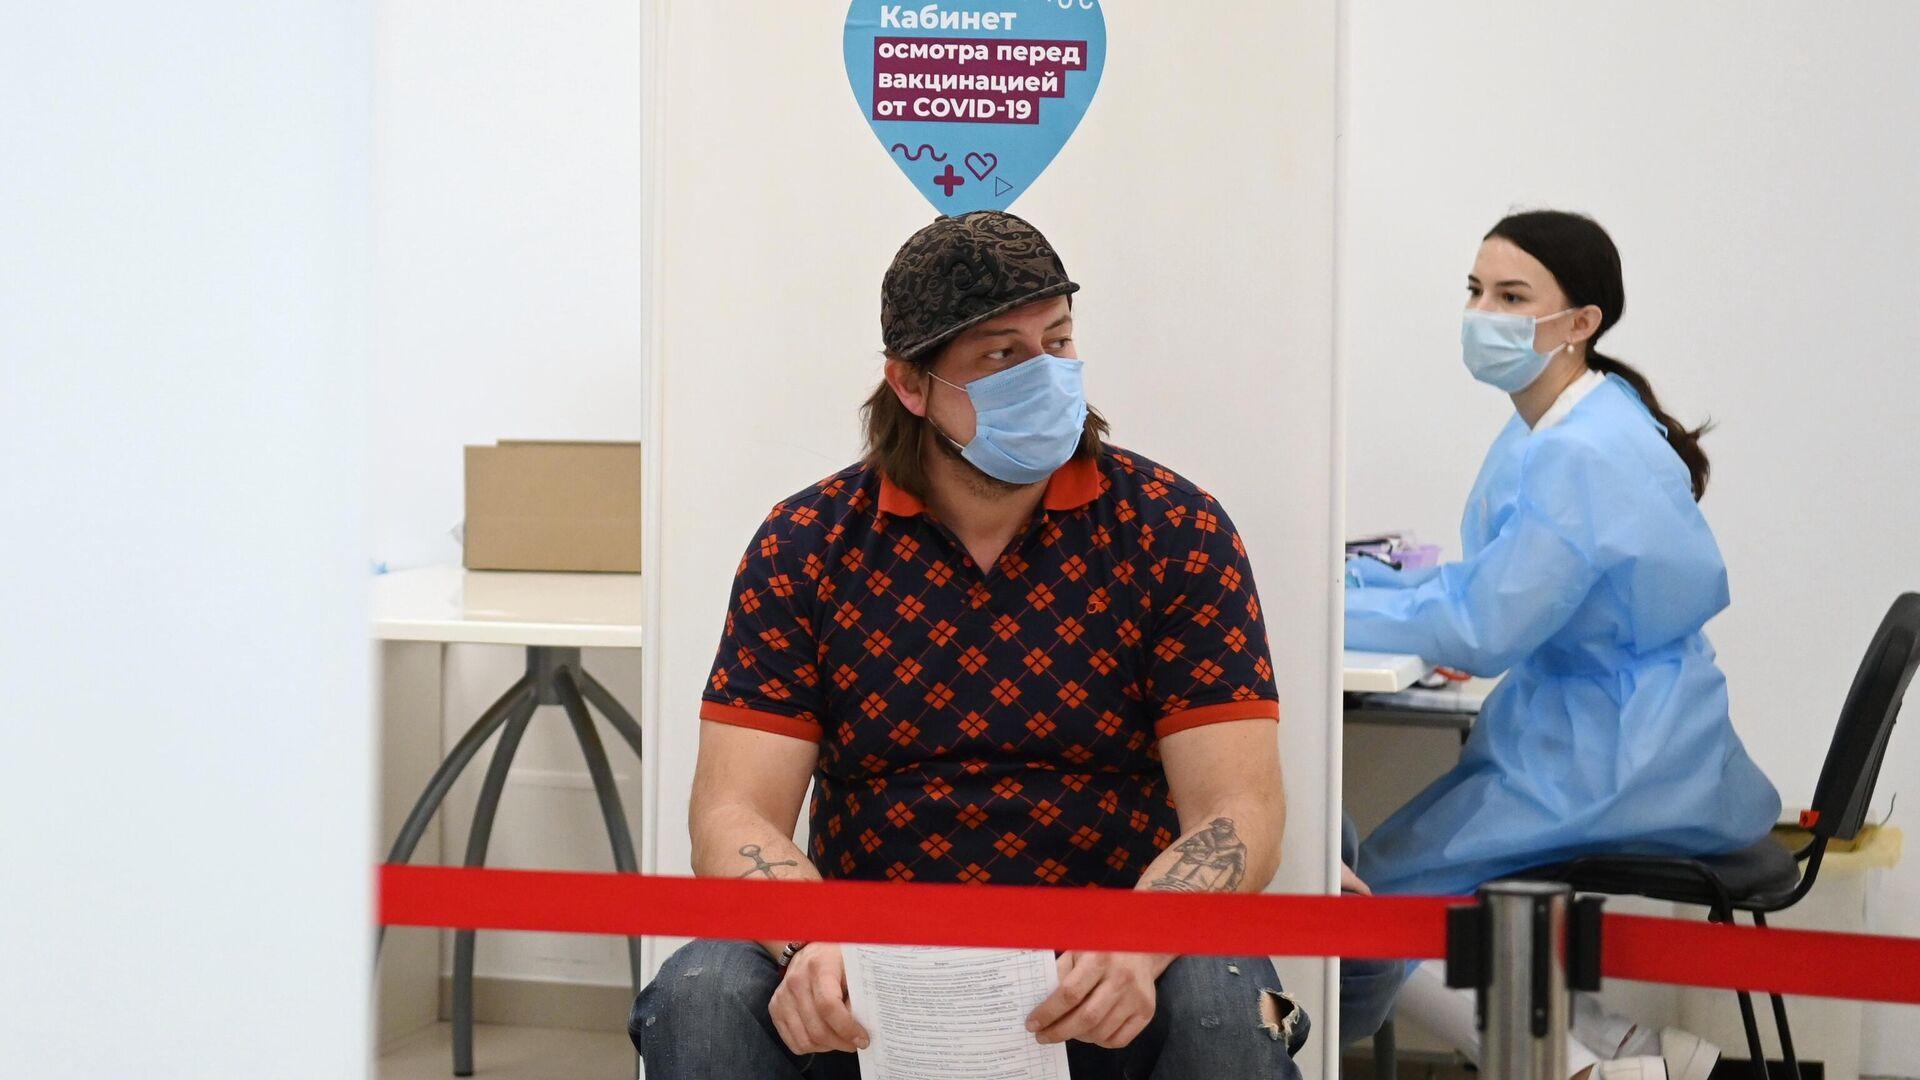 Мужчина перед вакцинацией от COVID-19 в мобильном пункте вакцинации в торговом центре Кунцево Плаза в Москве - РИА Новости, 1920, 22.03.2021